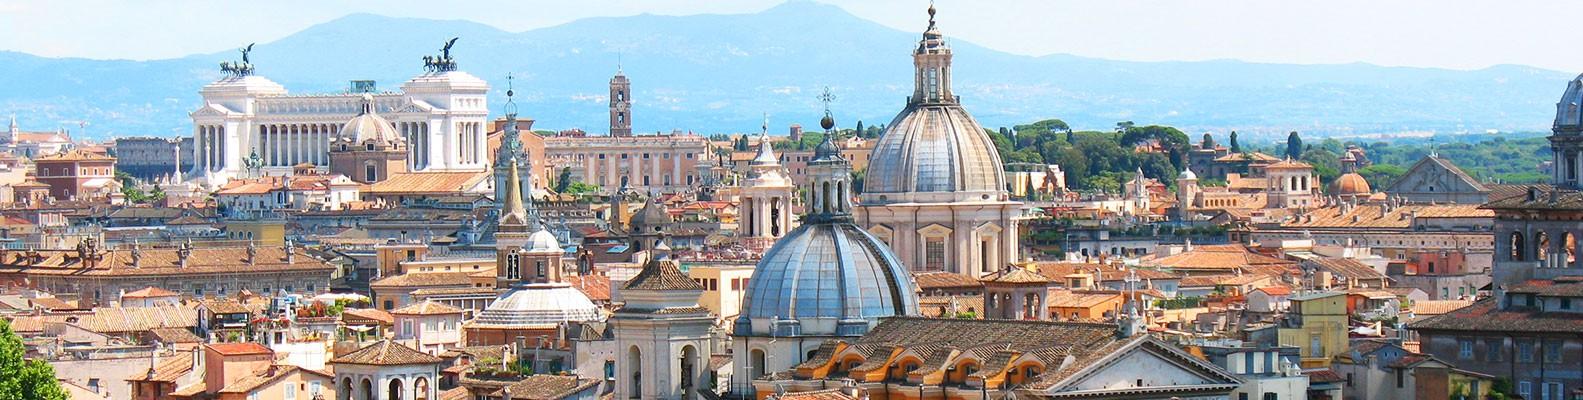 Istorija Rima